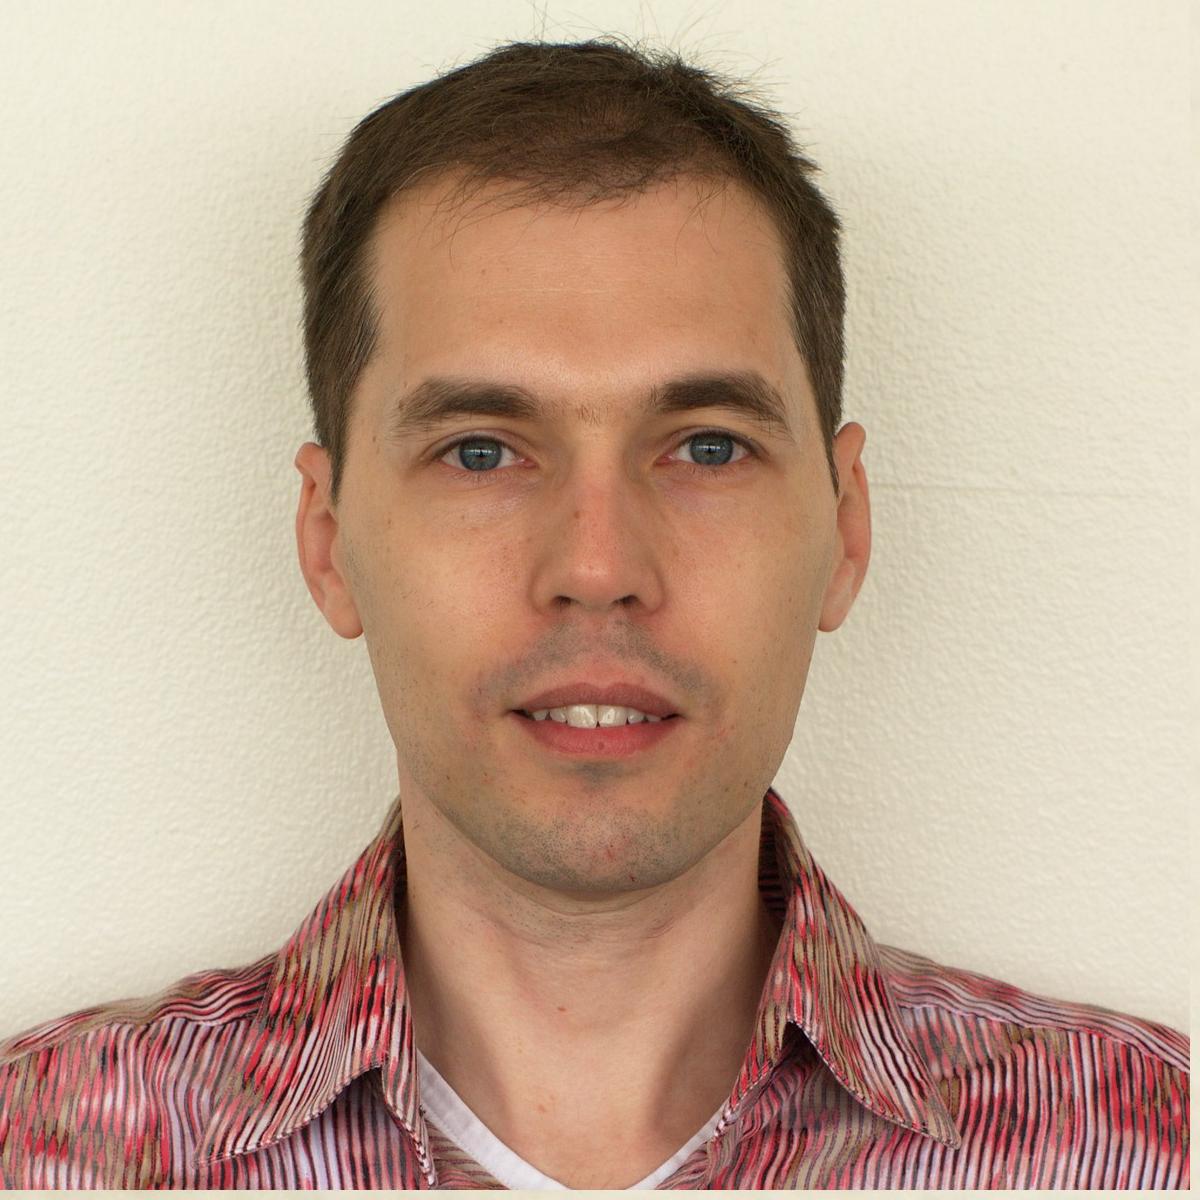 Mátyás Sustik